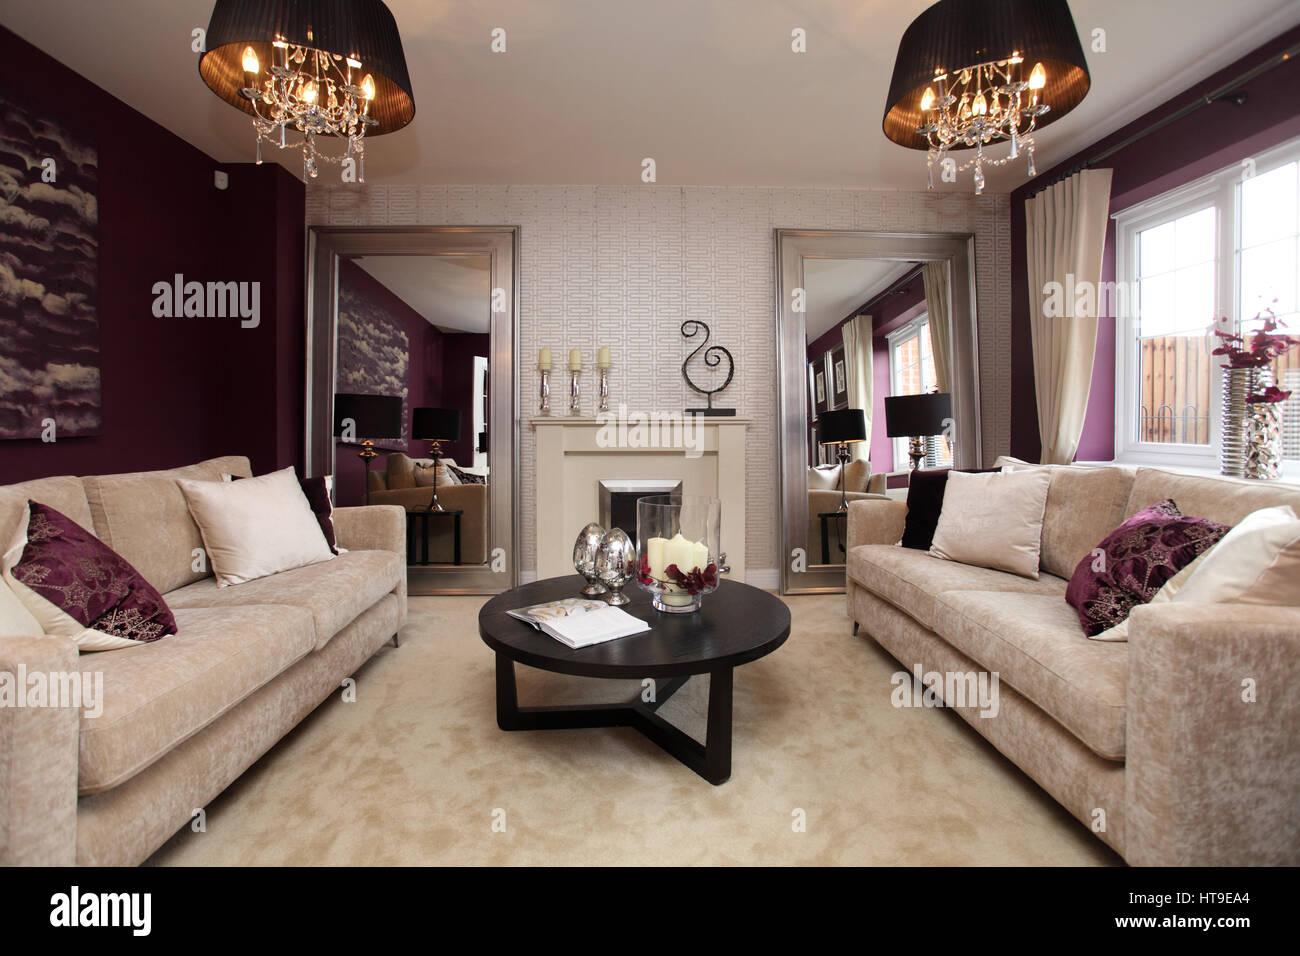 Pareti Soggiorno Beige : Home interno salotto soggiorno arredamento viola viola